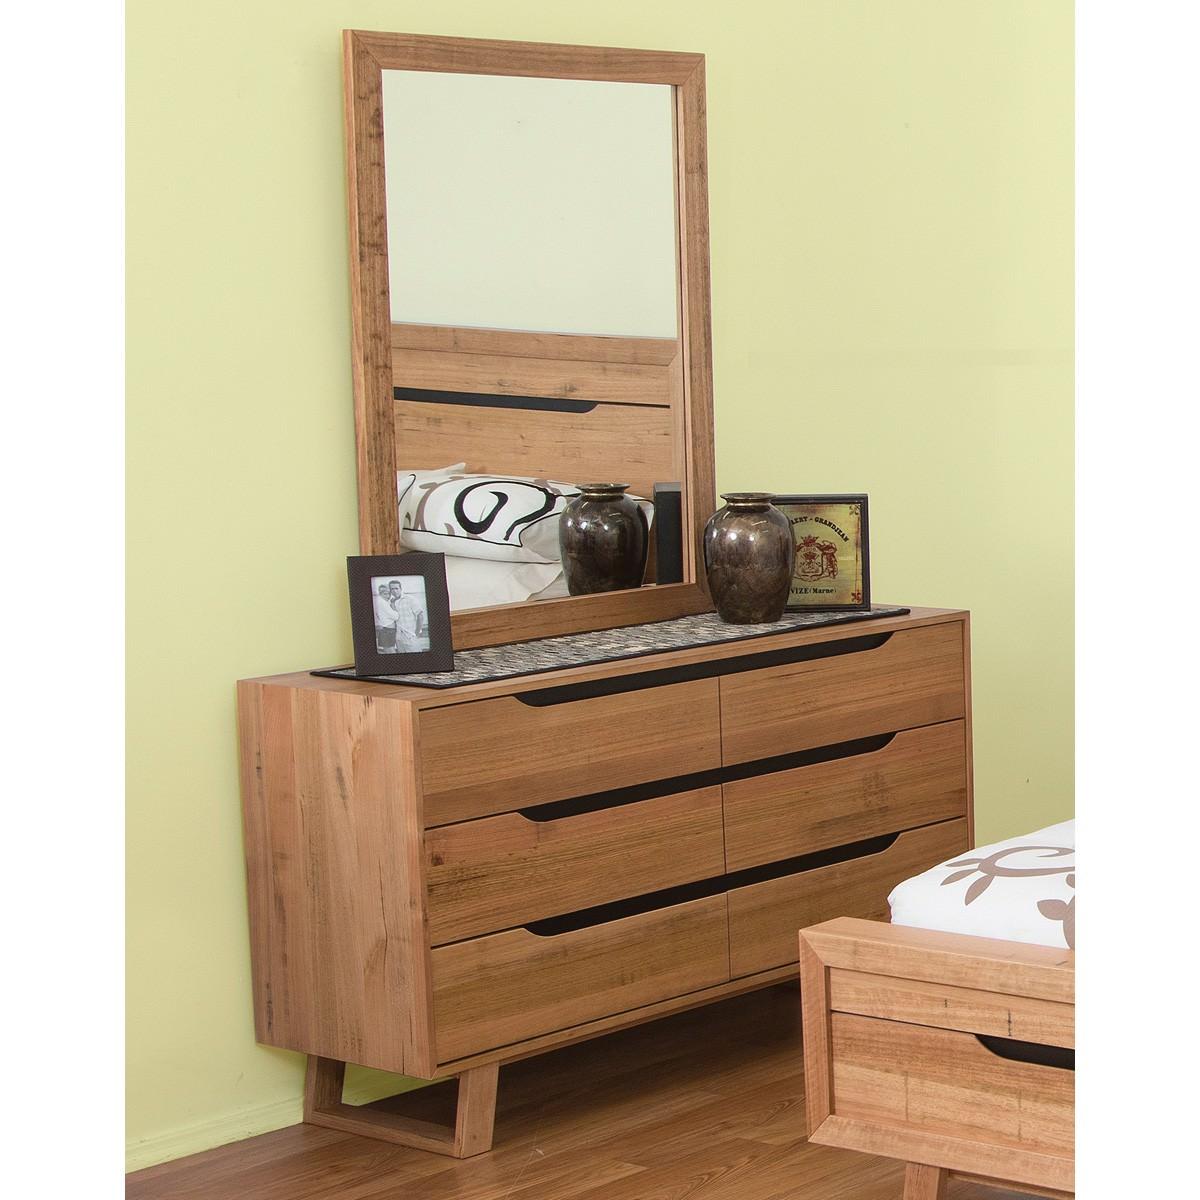 Lismore Tasmanian Oak Timber 6 Drawer Dresser (Dresser Only)